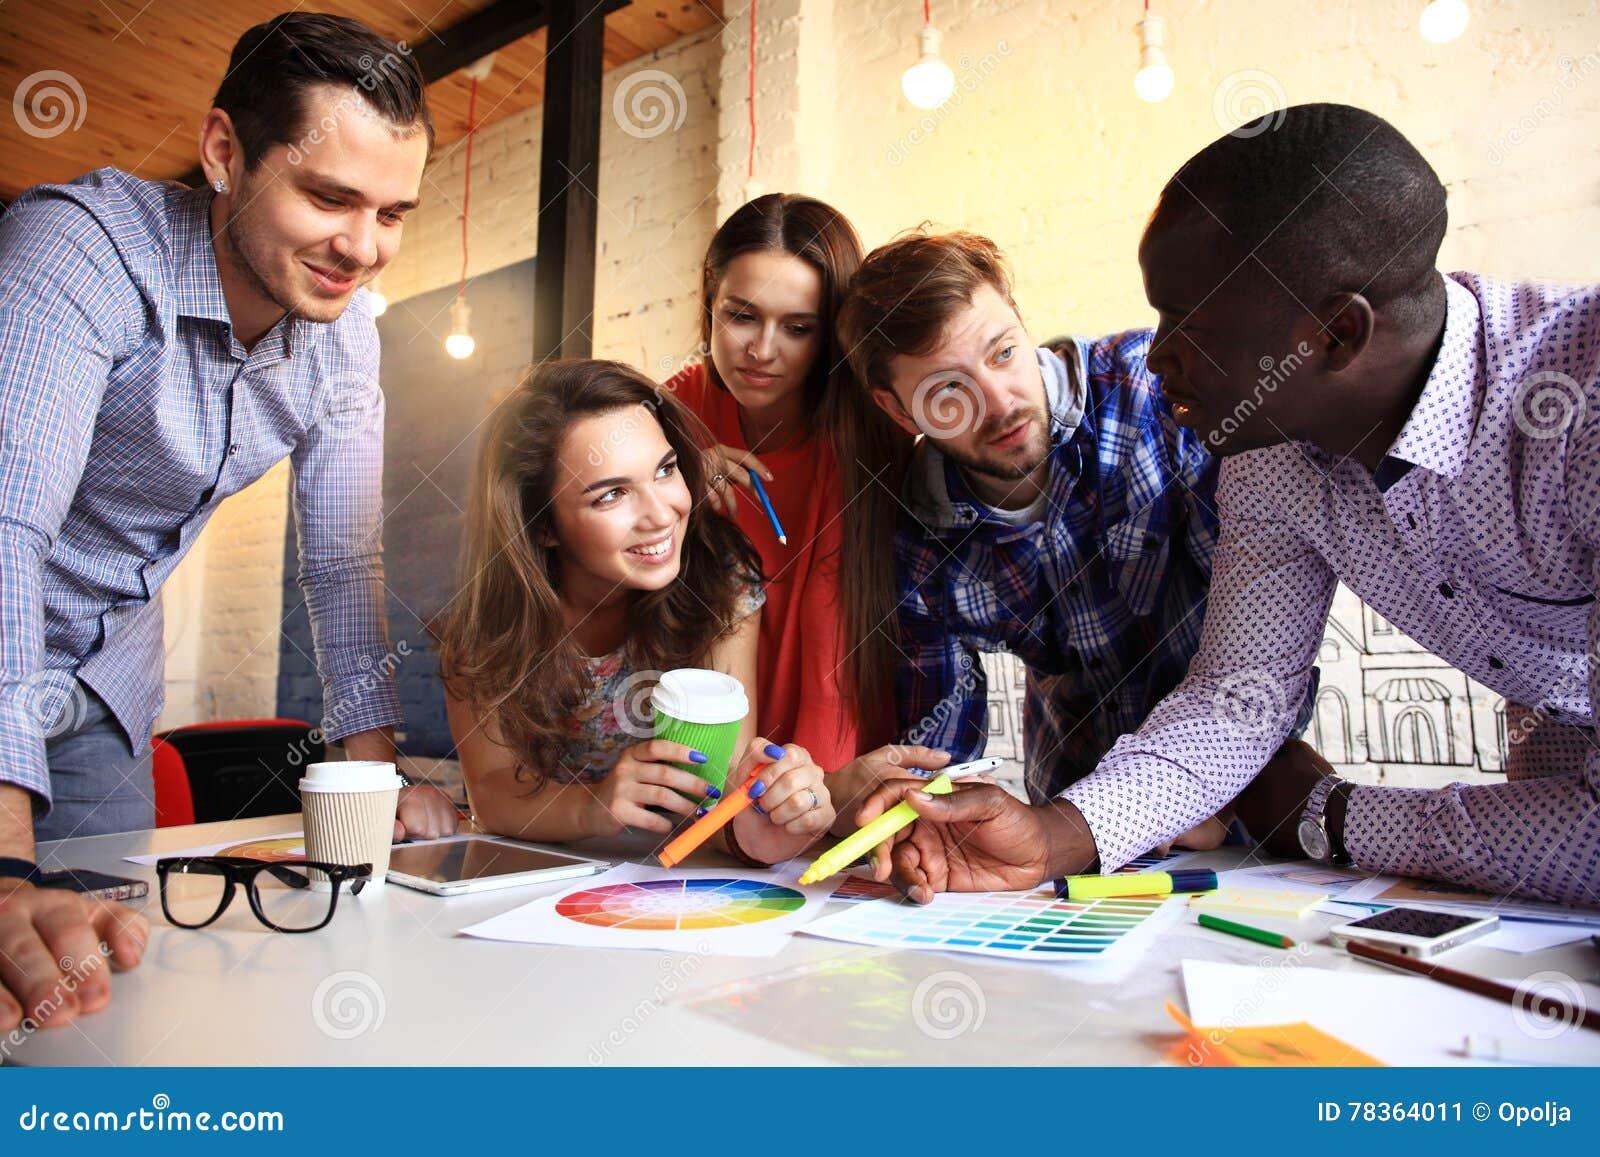 Portret van gelukkige jongeren in een vergadering die camera en het glimlachen bekijken Jonge ontwerpers die aan a samenwerken